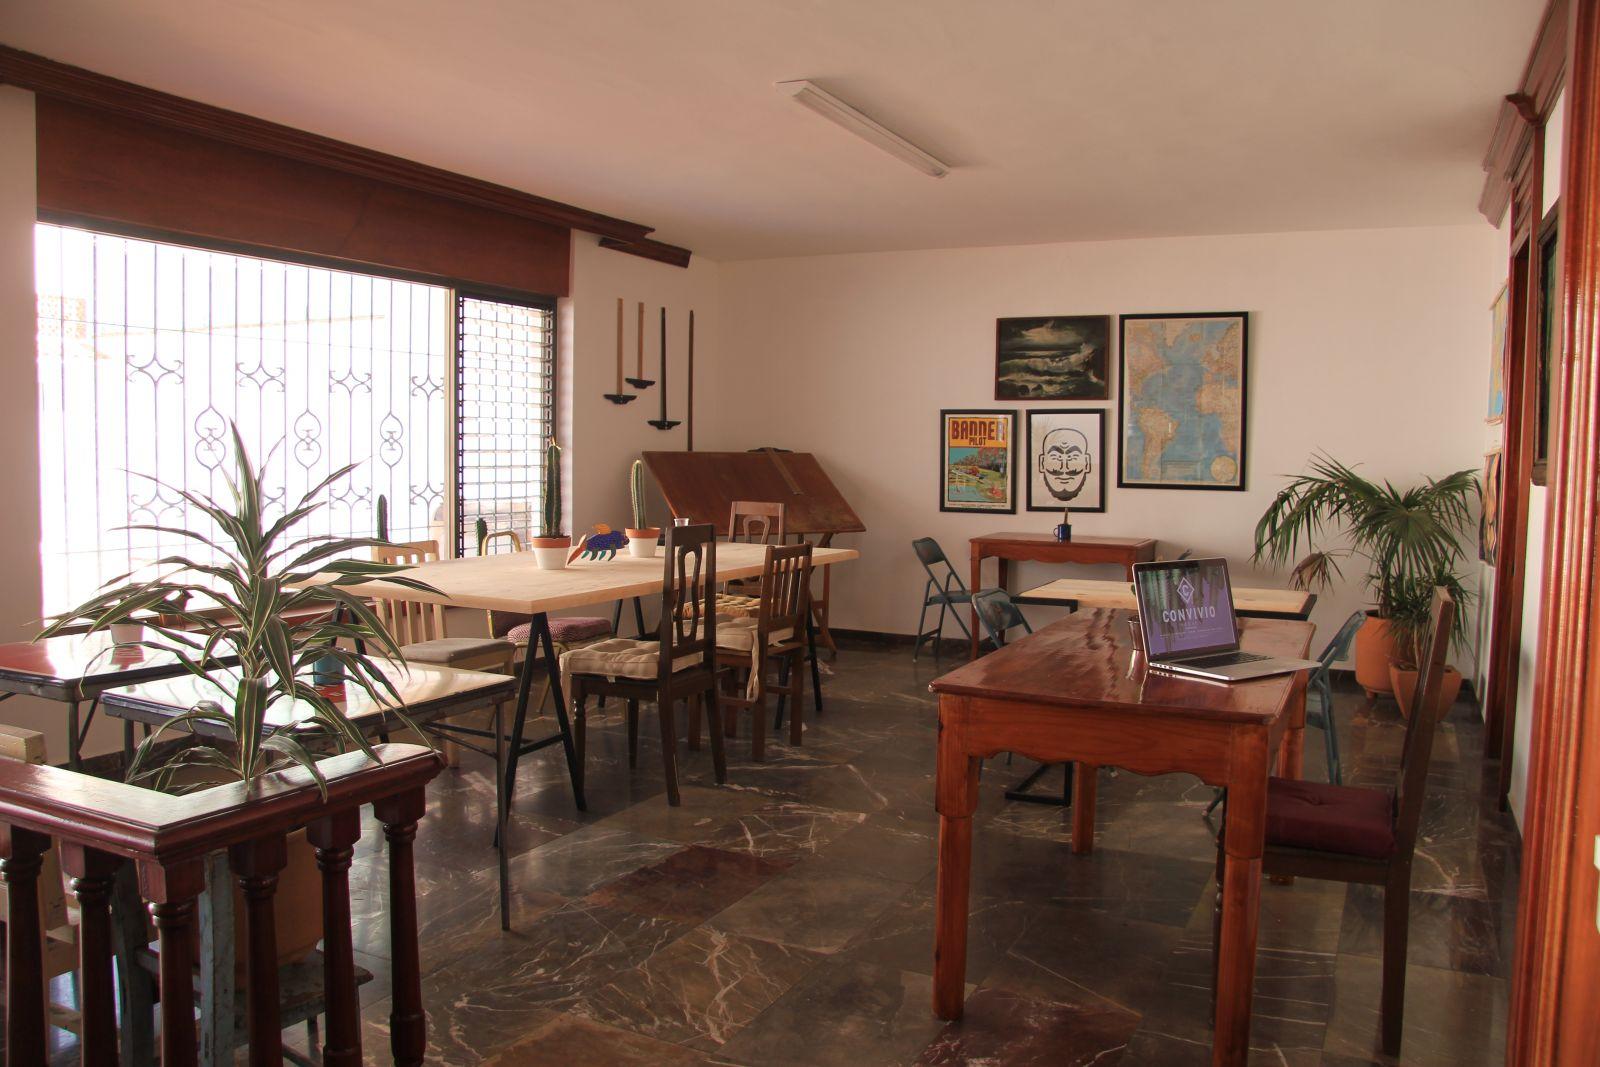 Convivio, Oaxaca - Read Reviews & Book Online